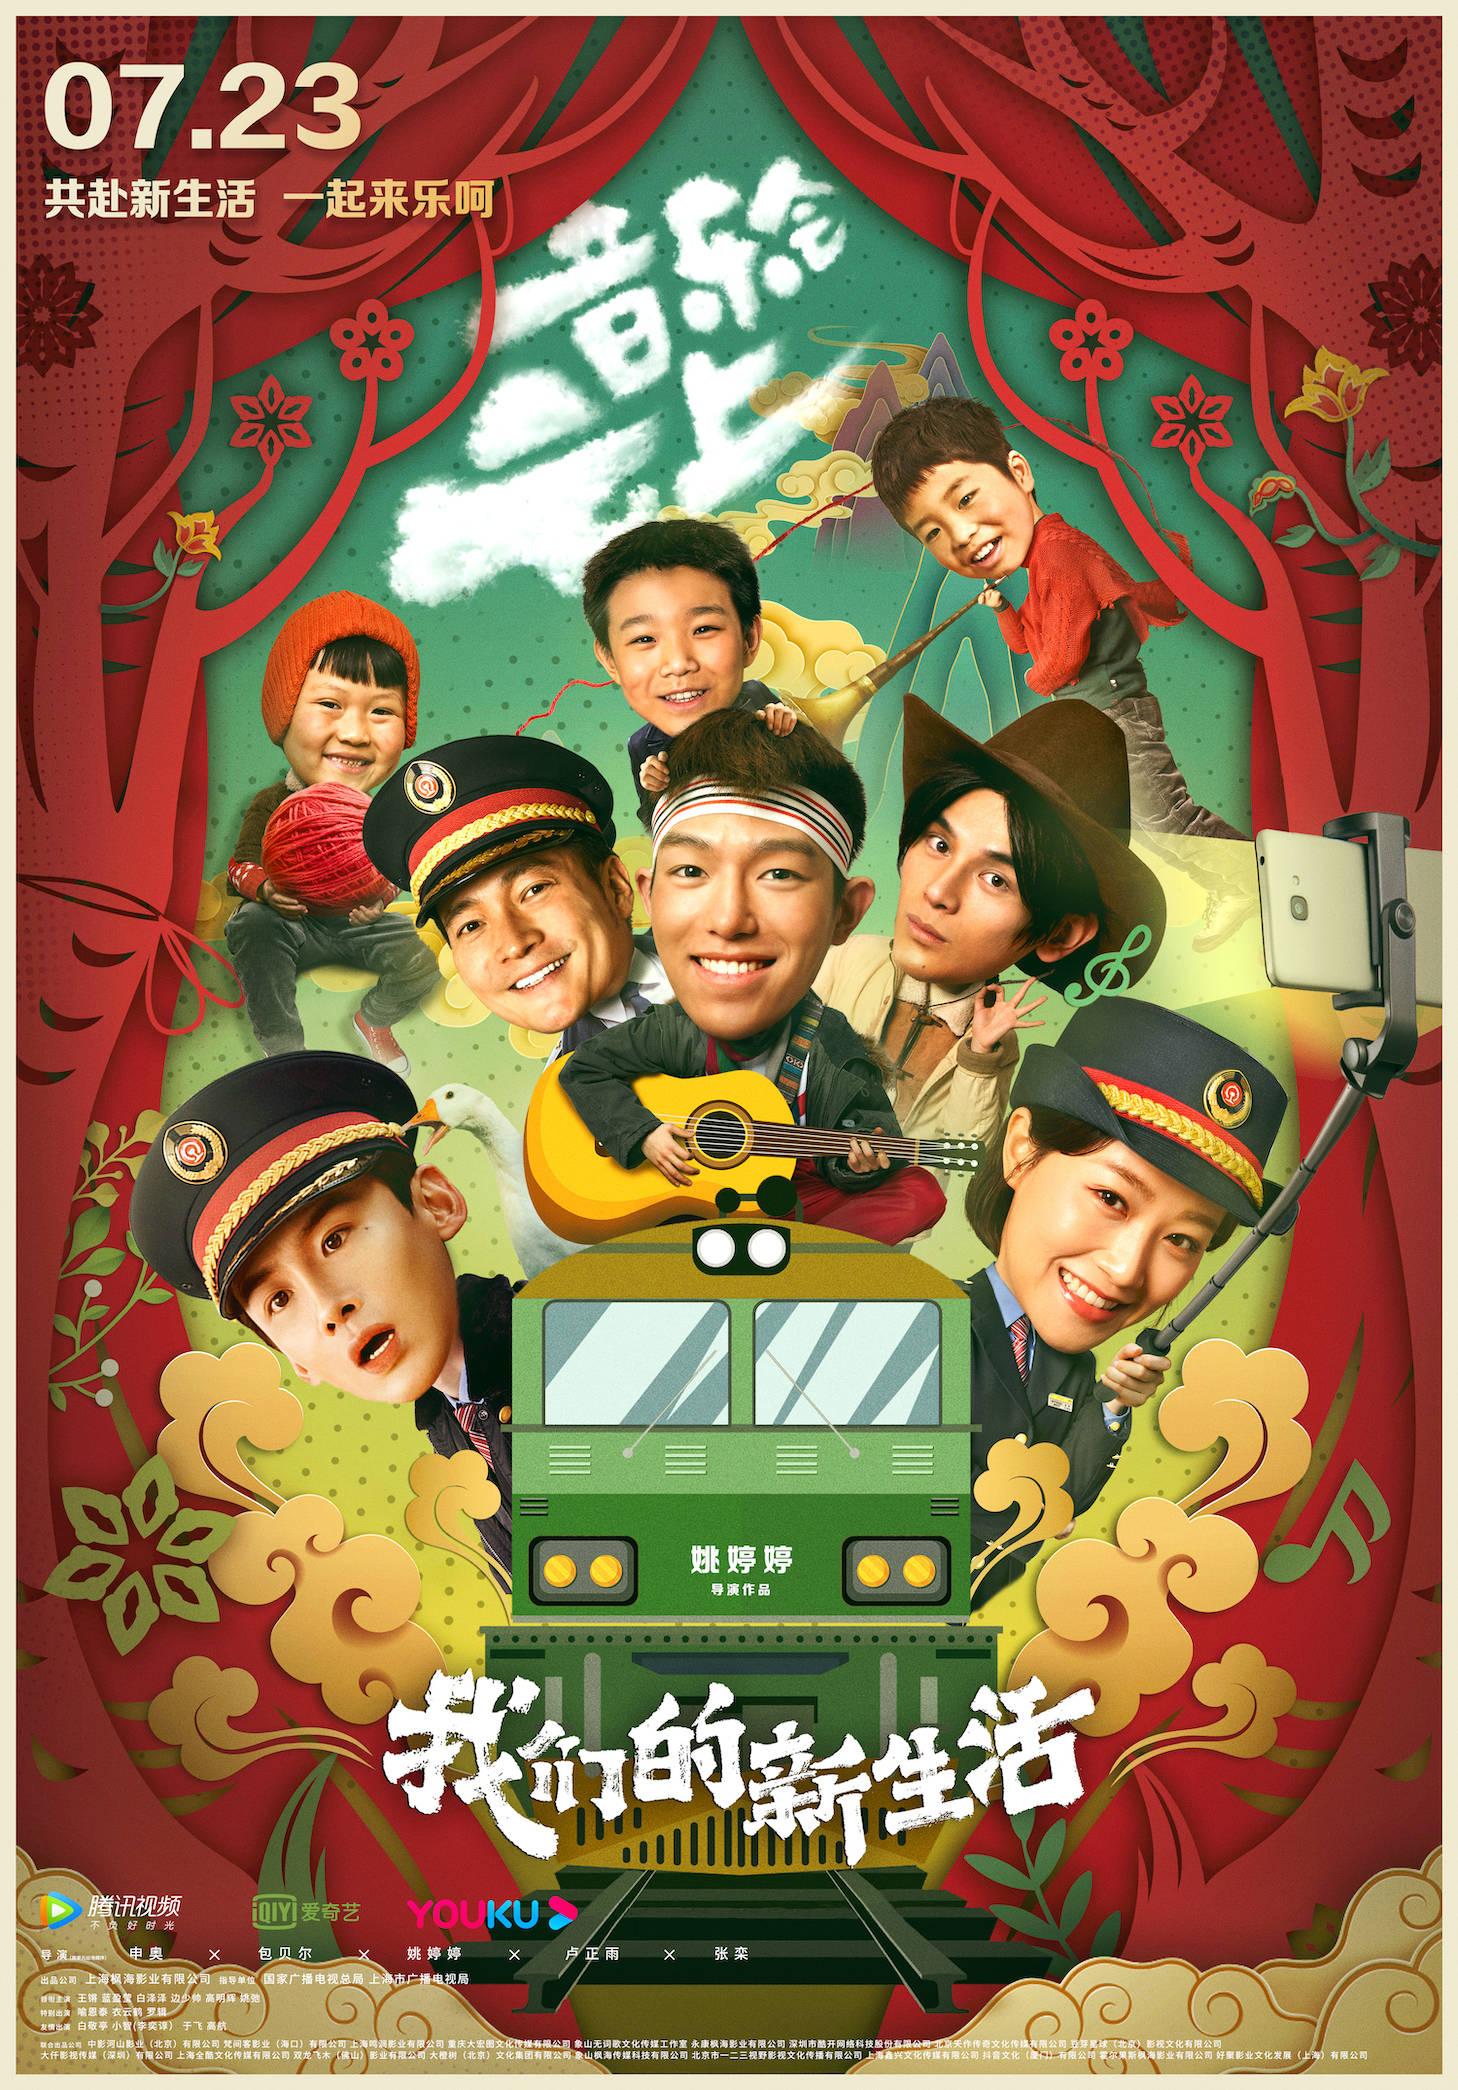 电影《我们的新生活》发布单元海报 小人物大情怀书写时代新篇章 爸爸 第4张